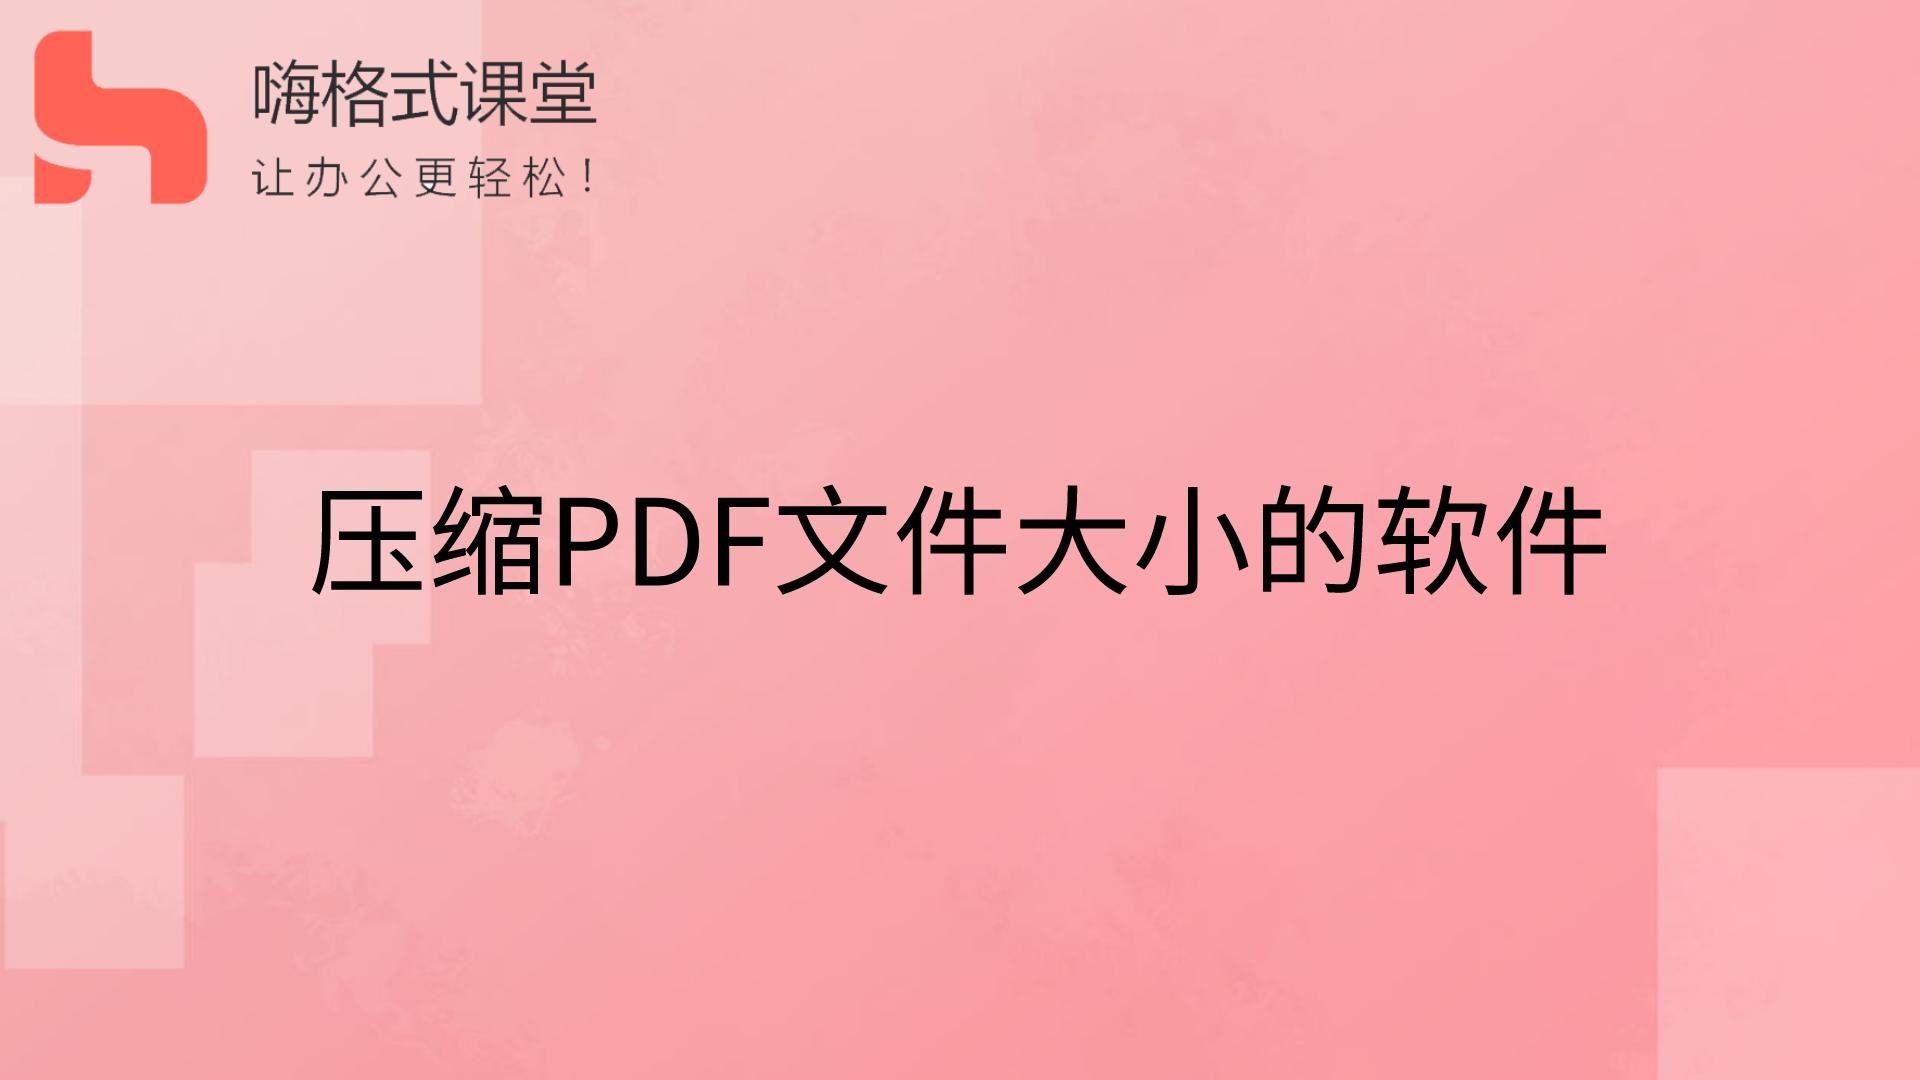 压缩PDF文件大小的软件s